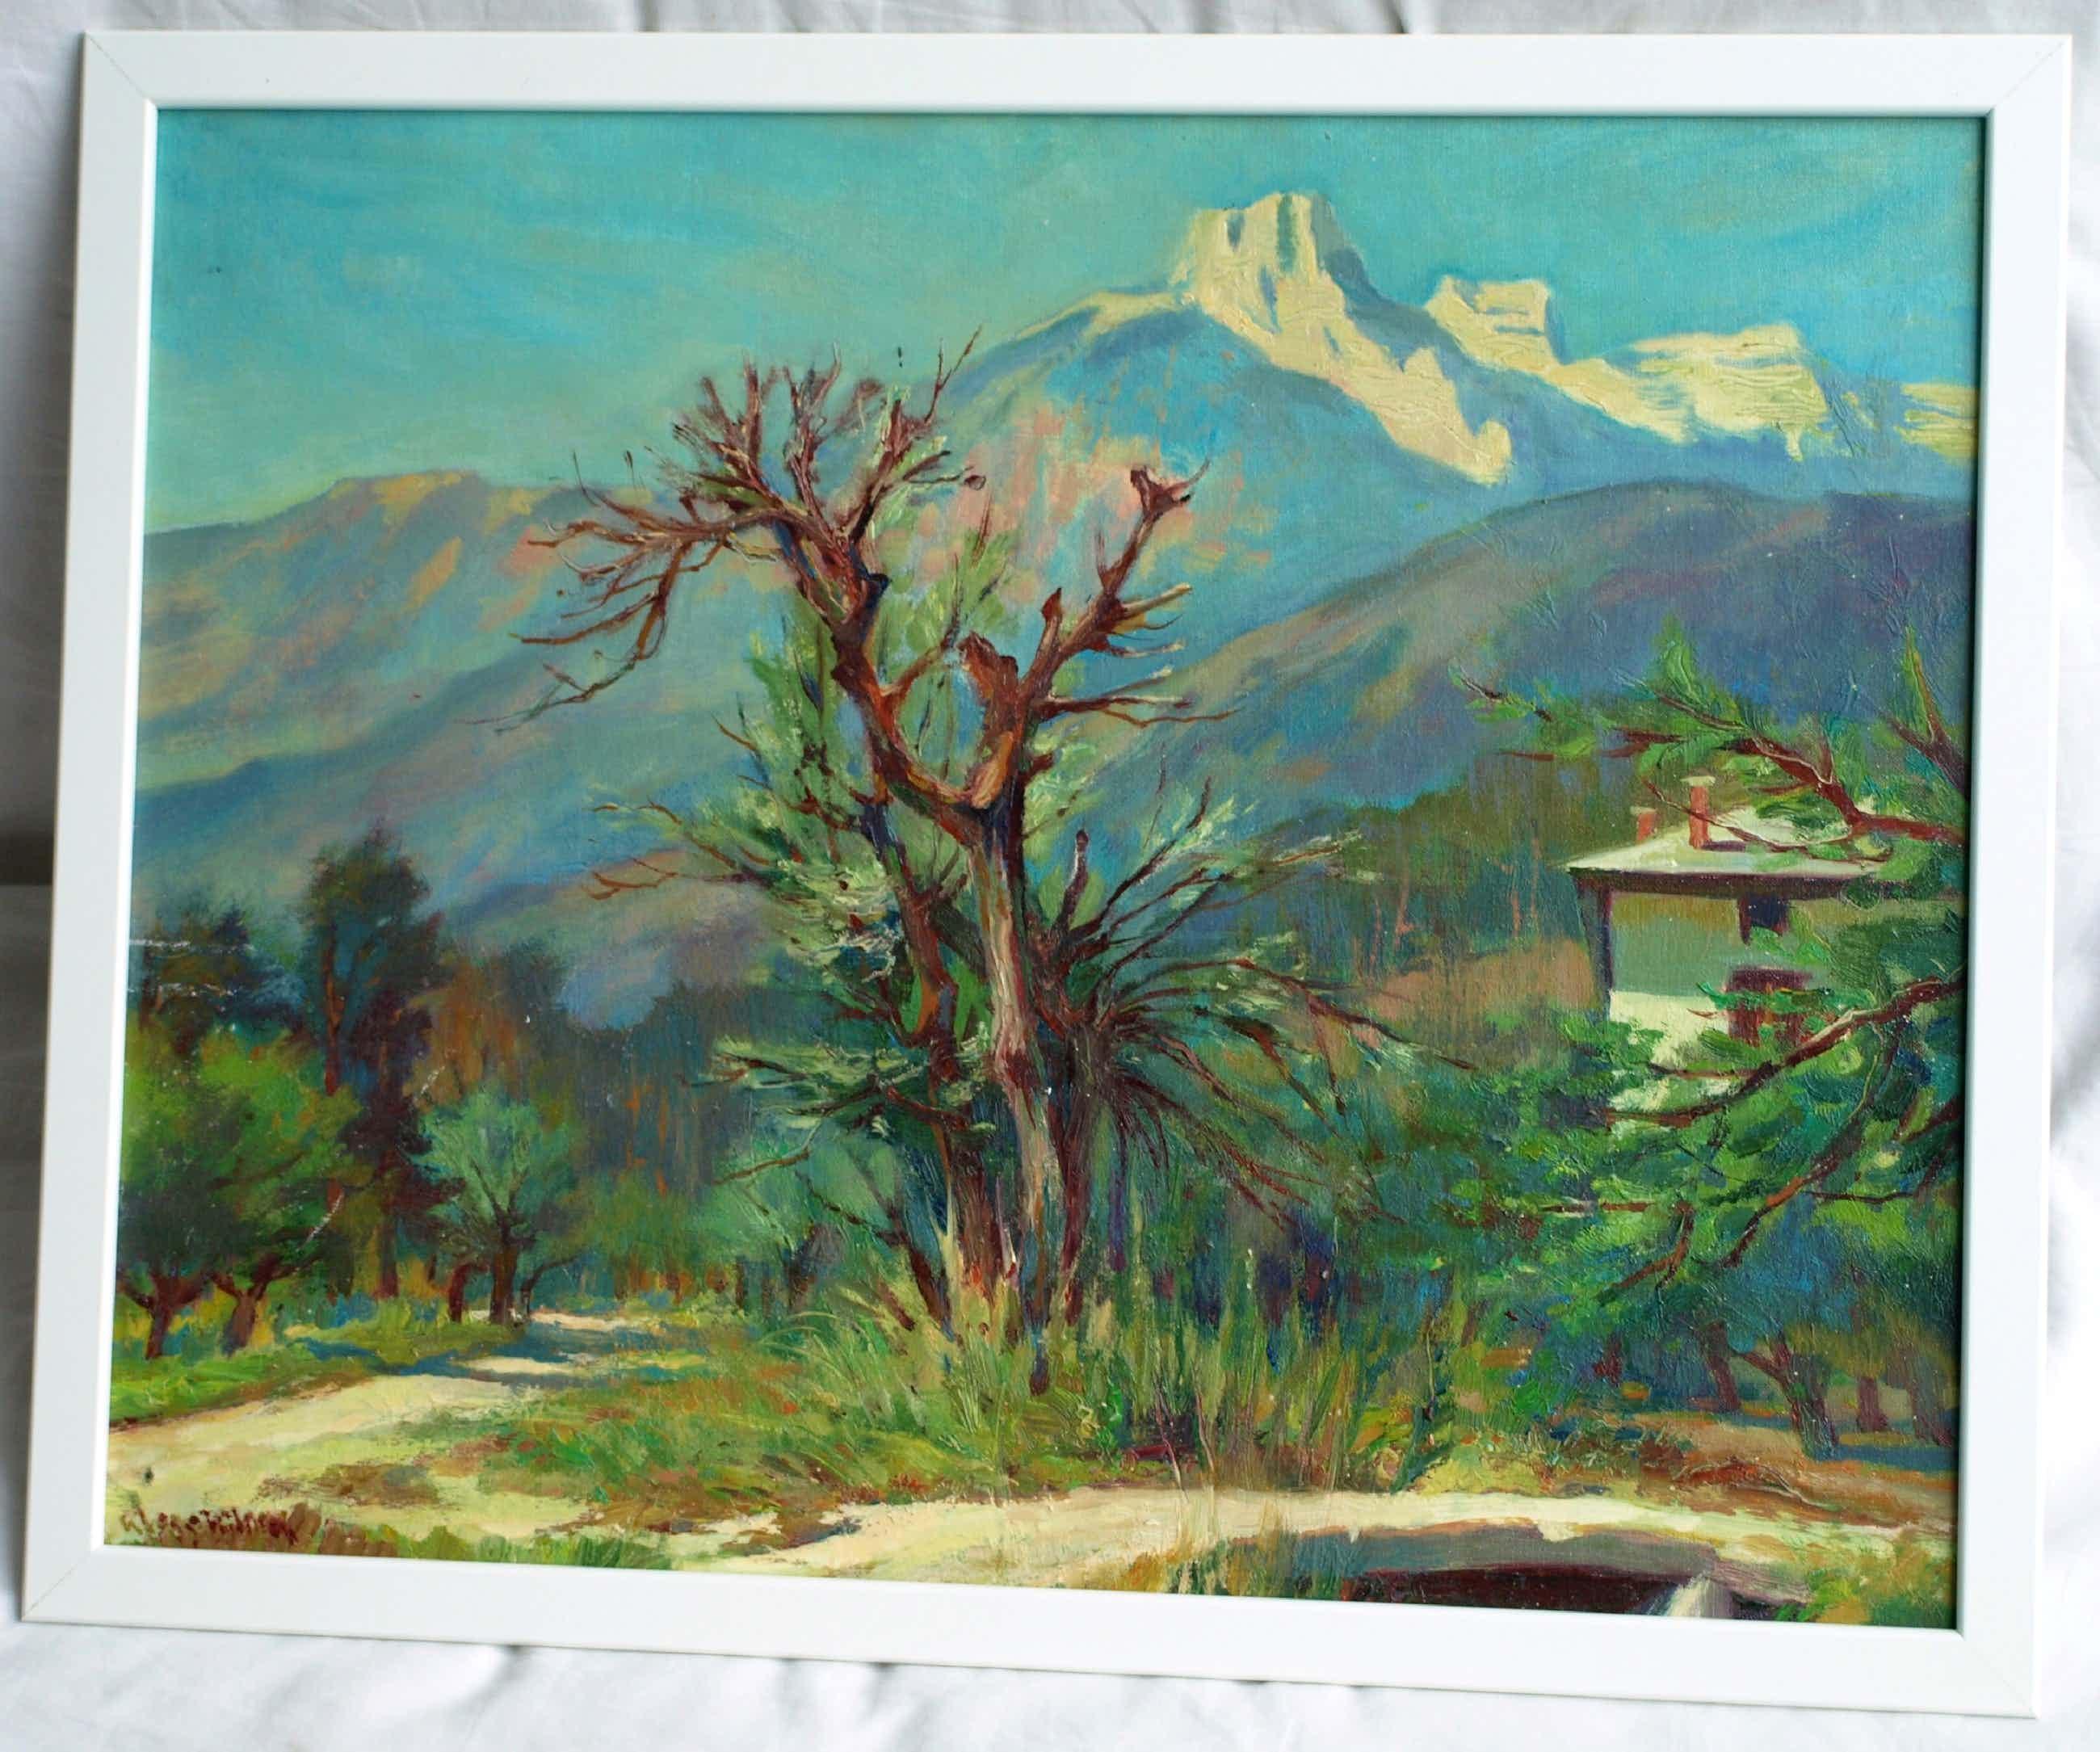 Klaas Pijlman - Olieverf op canvasboard , Cornetta, Italië - gesigneerd & ingelijst – 1980 kopen? Bied vanaf 35!